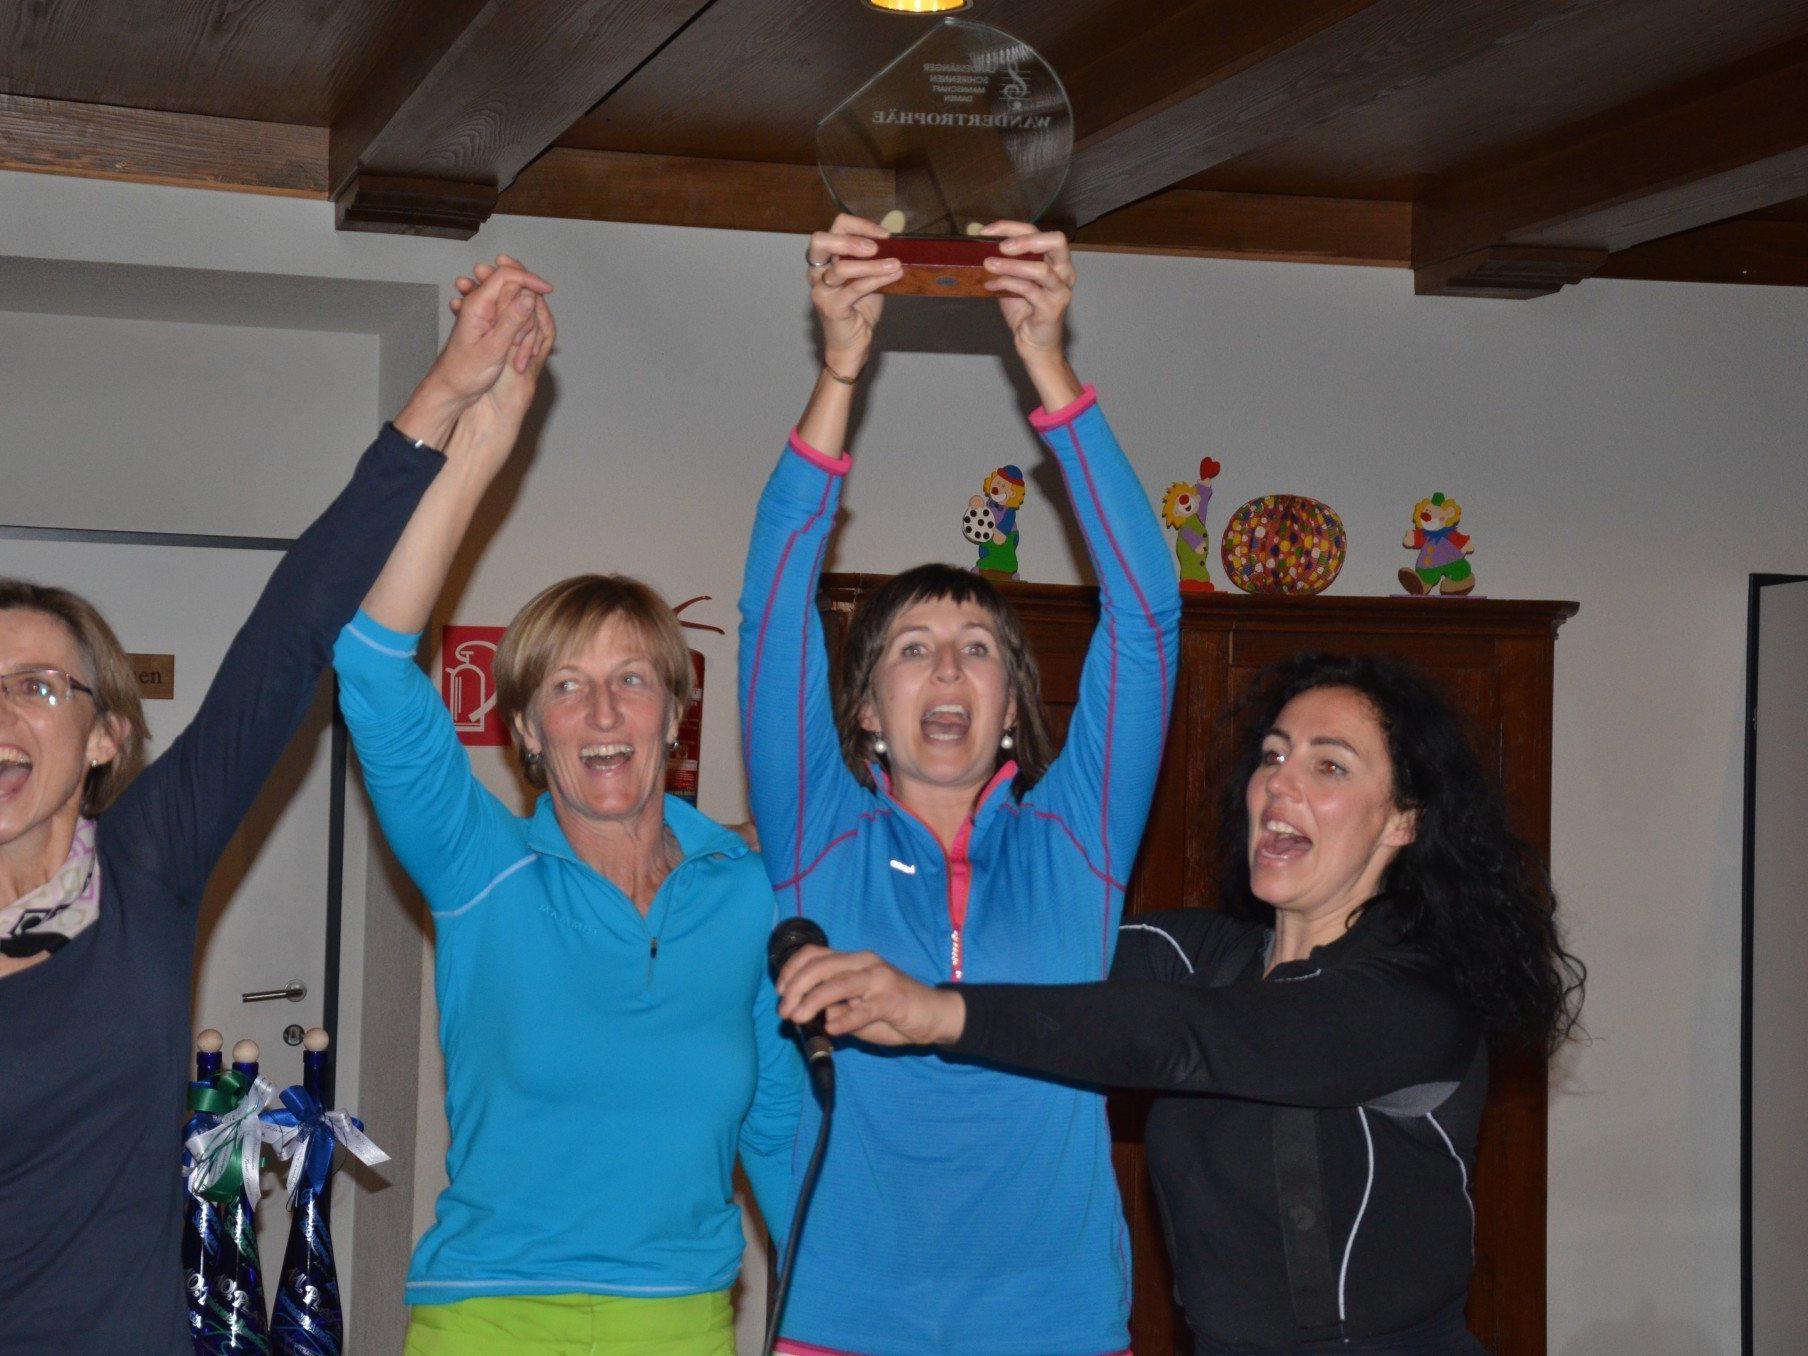 So sehen Sieger aus, sang das siegreiche Damenteam aus Au-Schoppernau